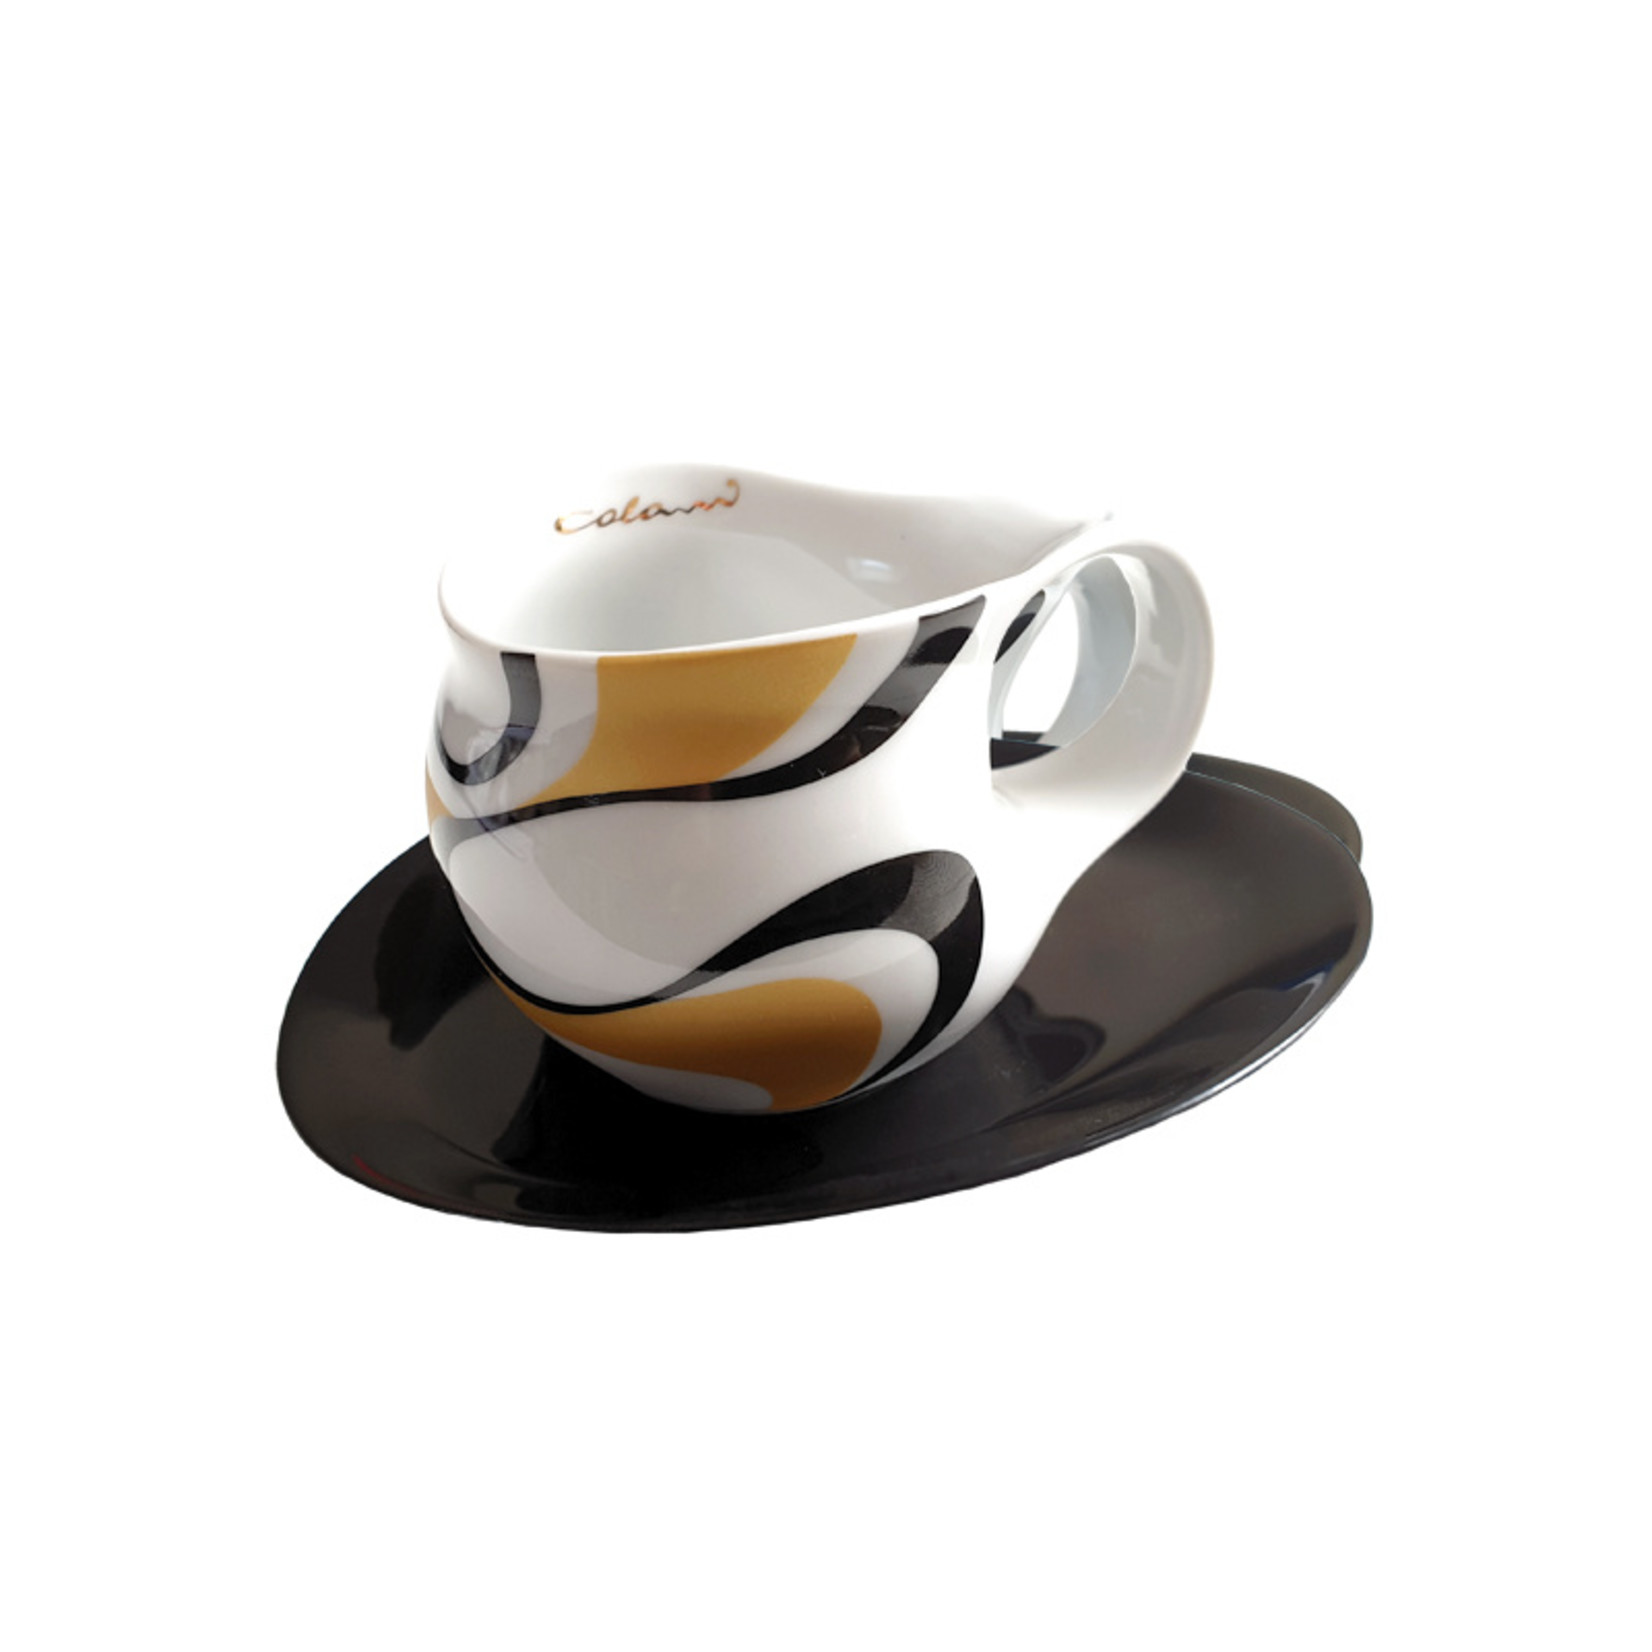 Colani Porzellanserie Colani Espressotasse groß | Tasse inkl. Unterteller | gold-schwarz